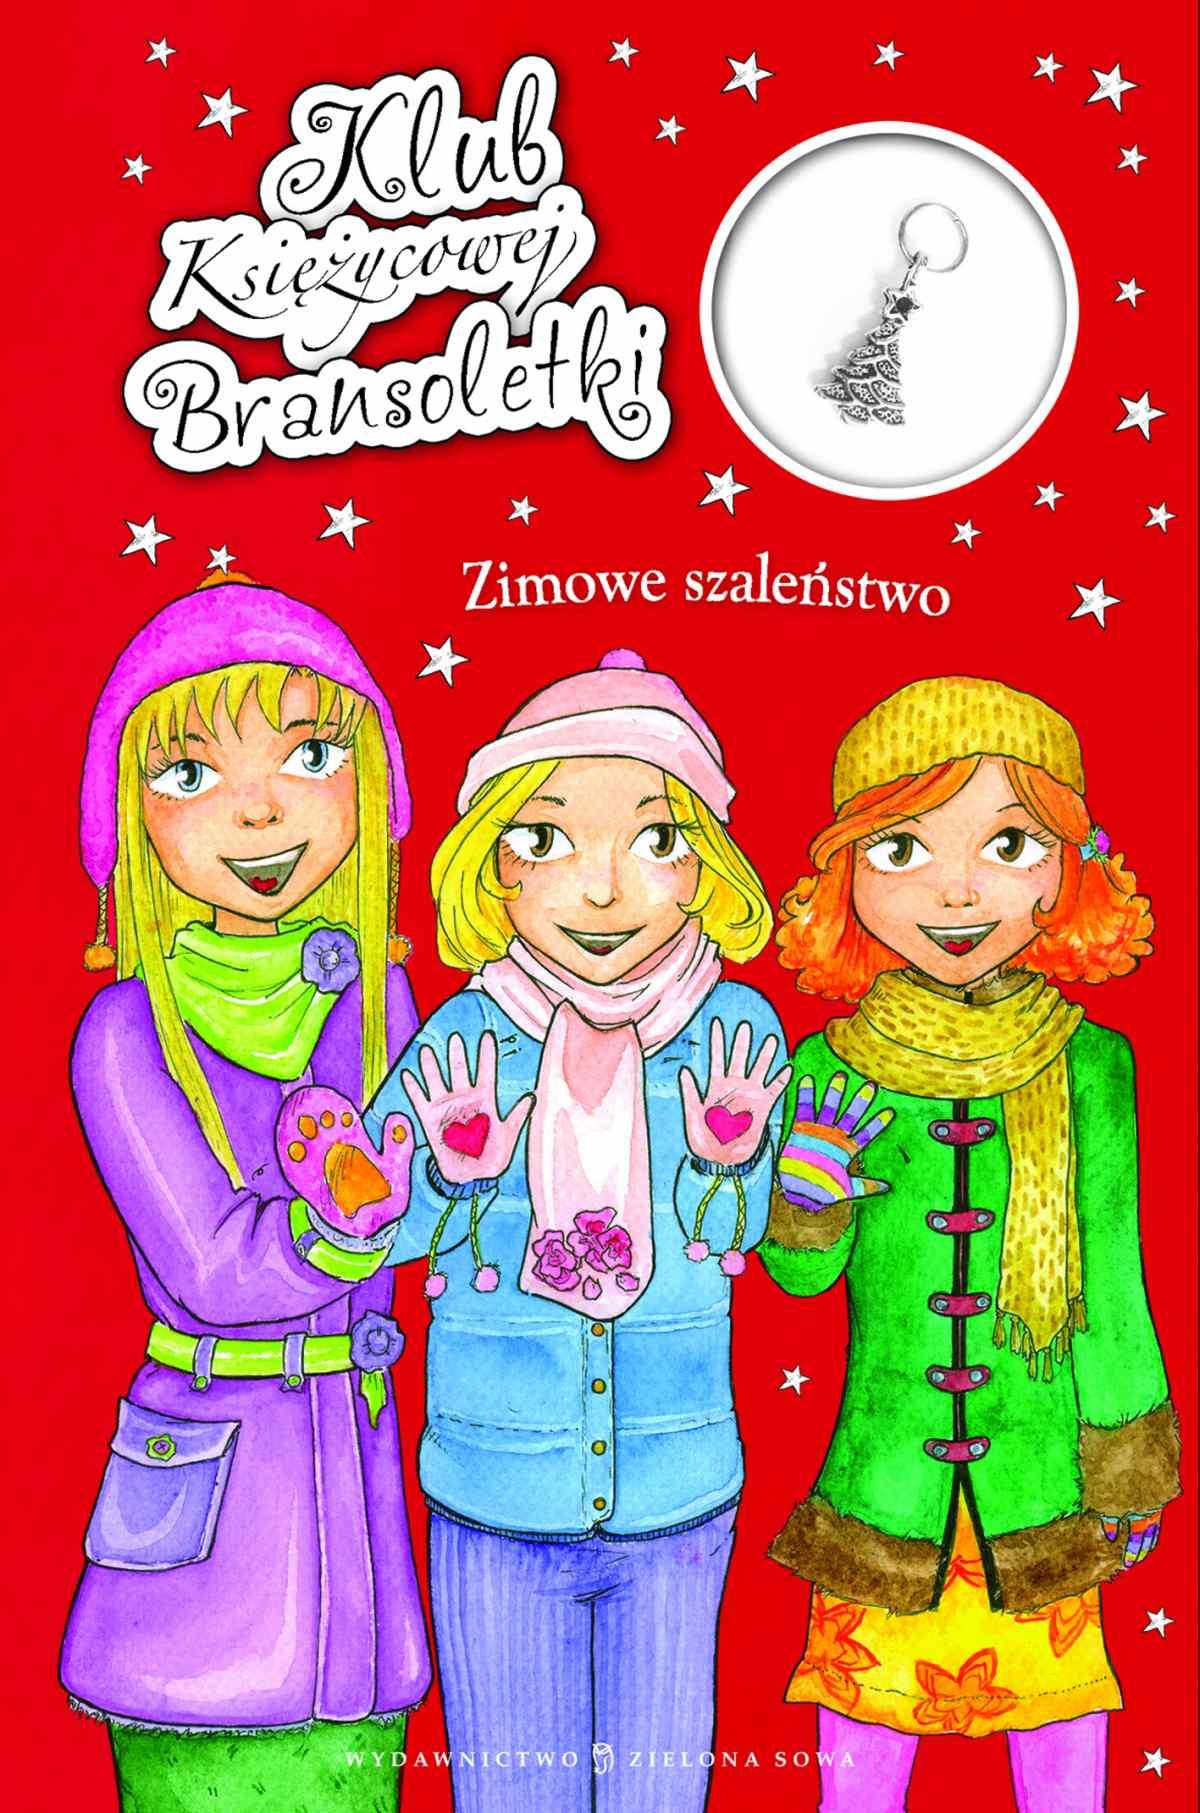 Klub Księżycowej Bransoletki: Zimowe szaleństwo - Ebook (Książka EPUB) do pobrania w formacie EPUB